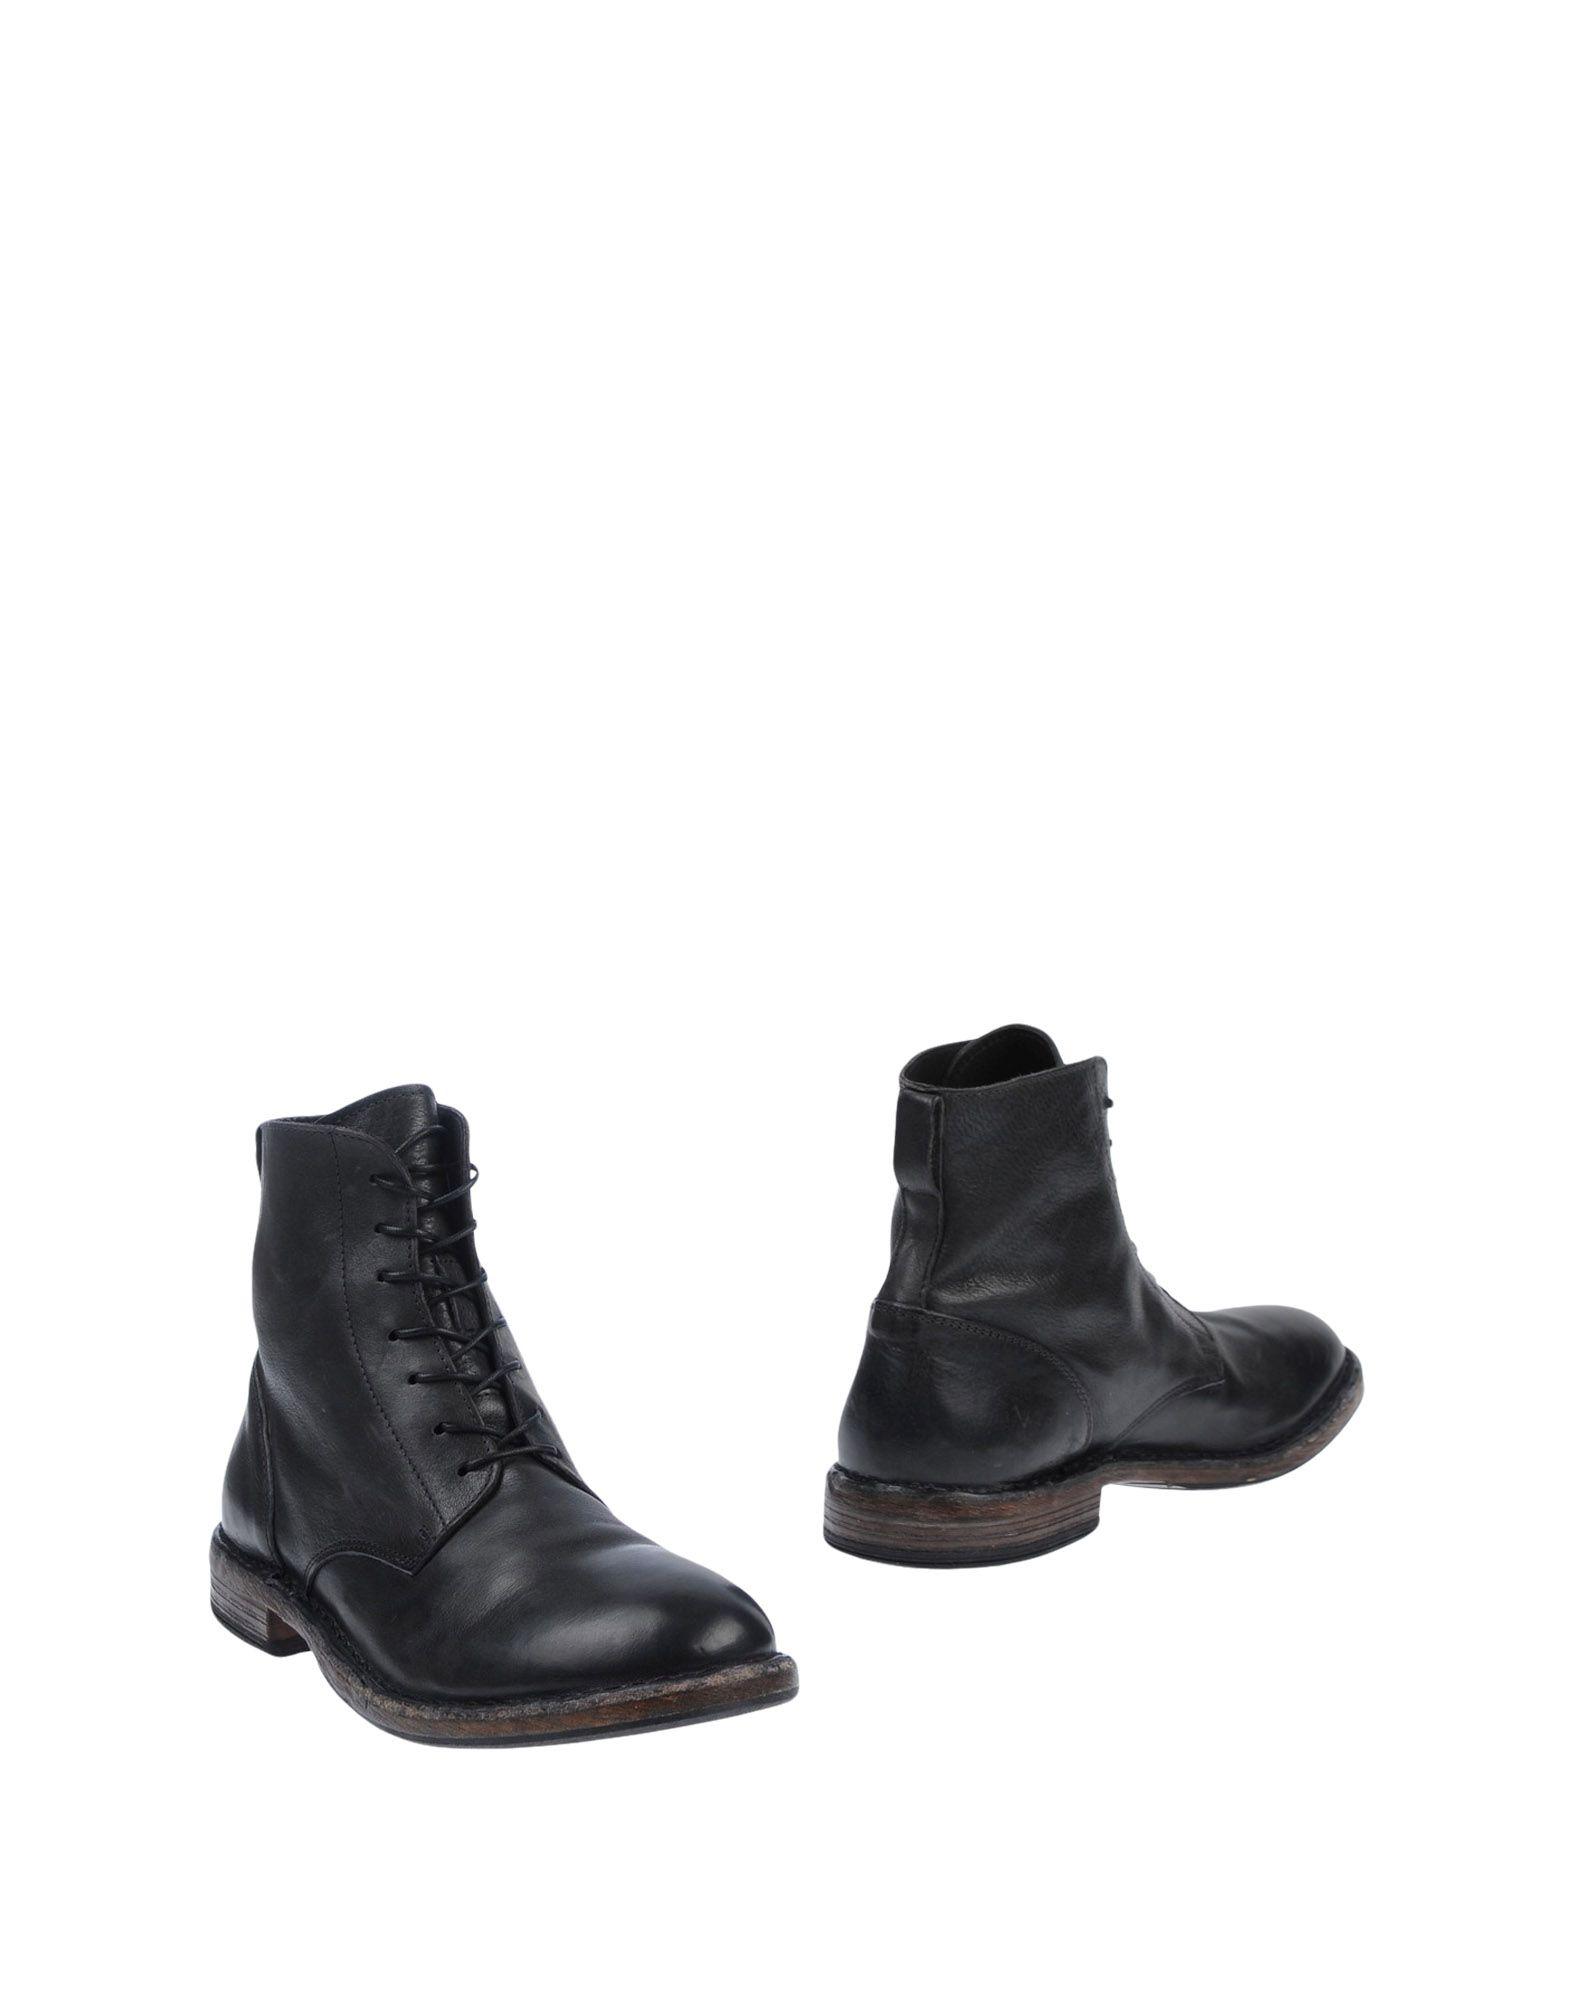 Moma Stiefelette Herren  11508699BD Gute Qualität beliebte Schuhe